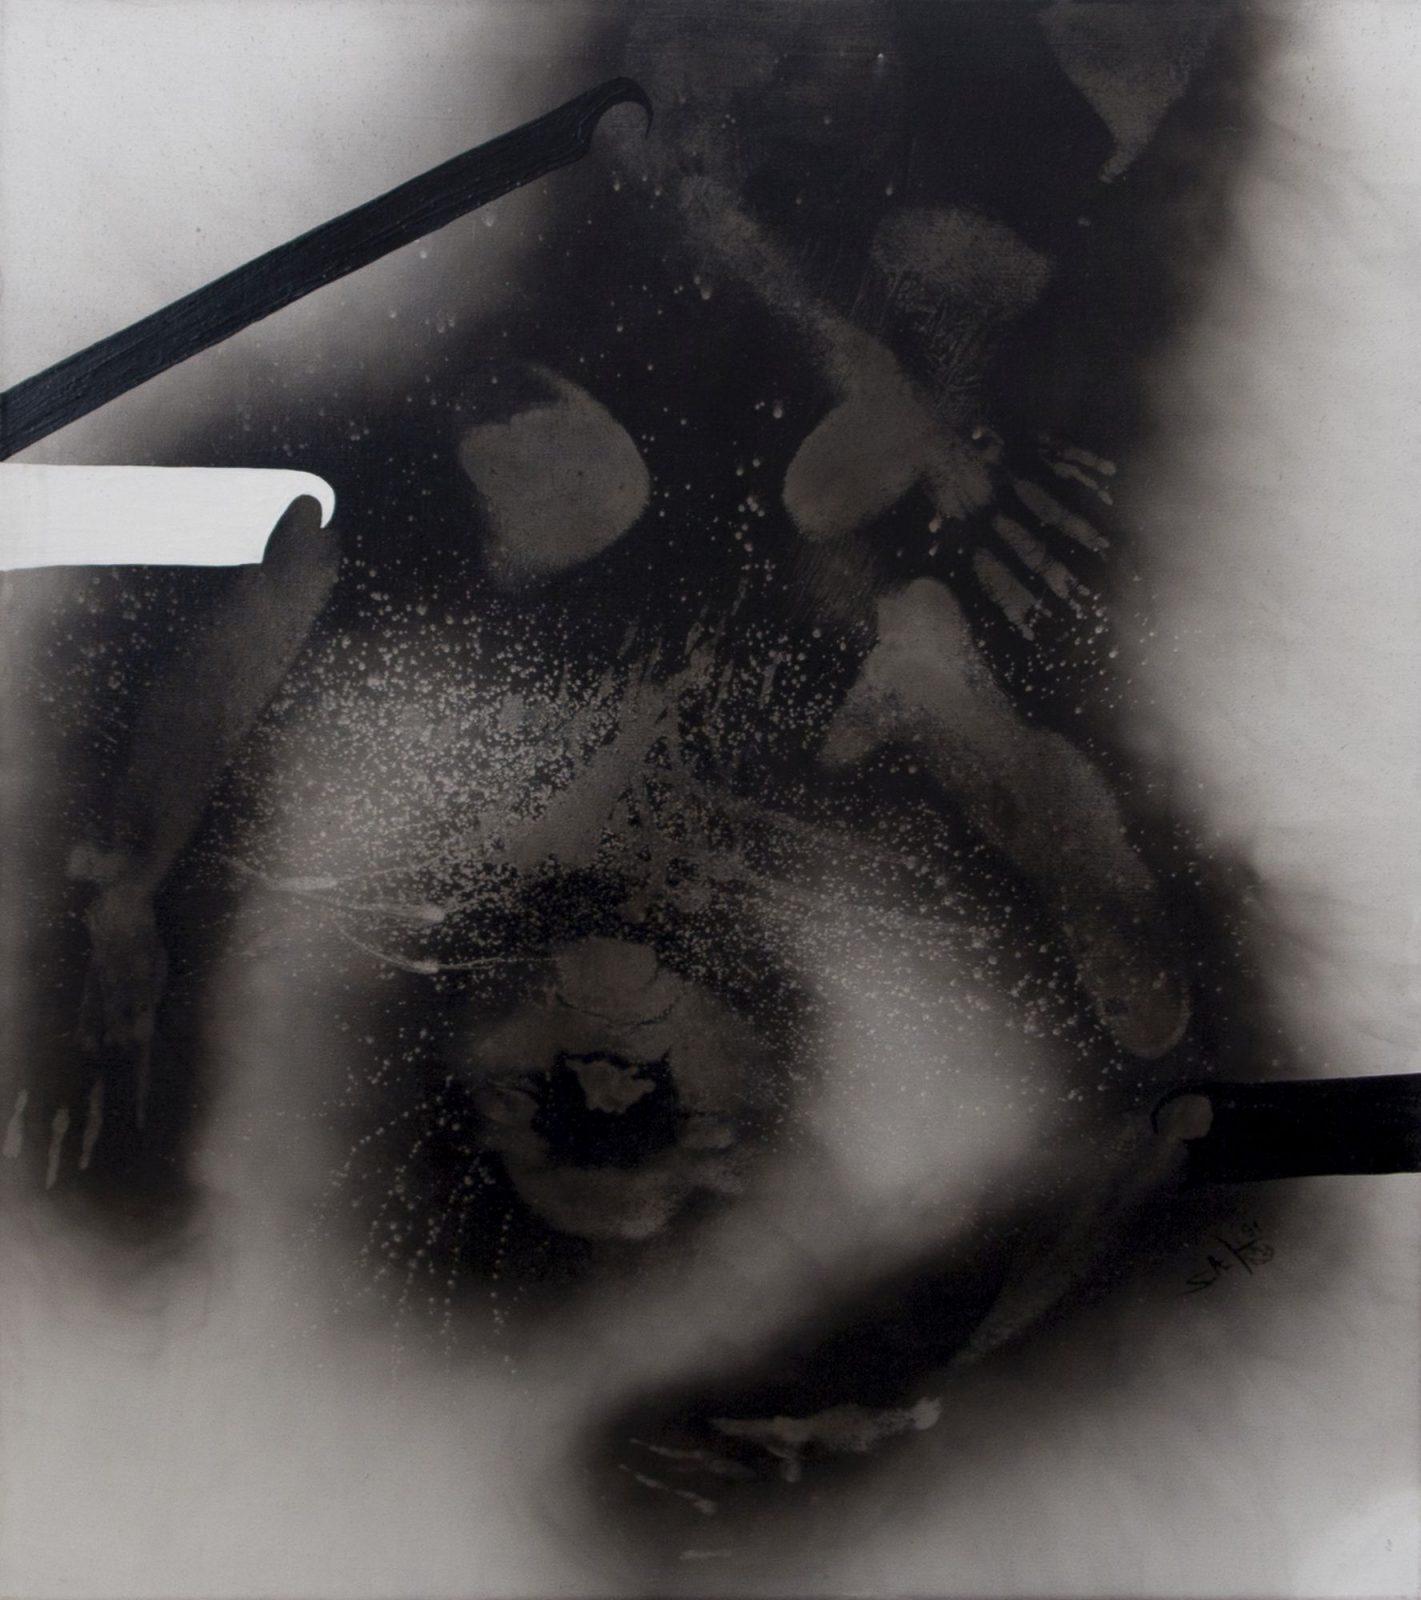 Szirtes János: Portré III.91